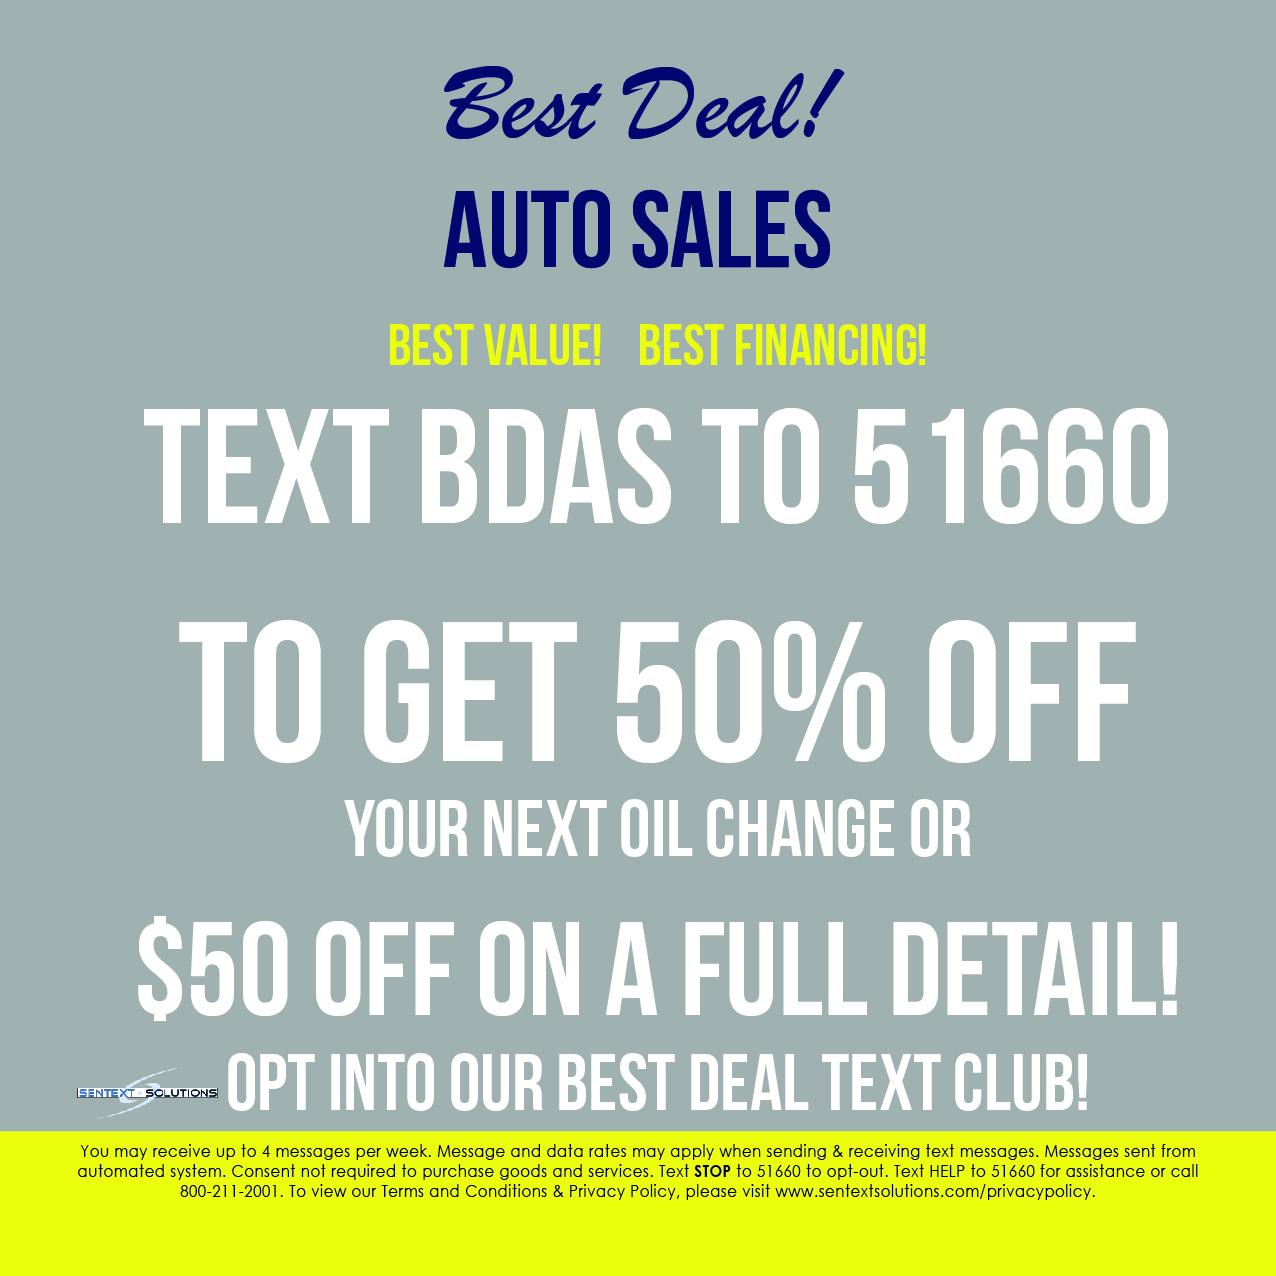 Best Deal Auto Service 2515 Scotswolde Drive Fort Wayne, IN 46808